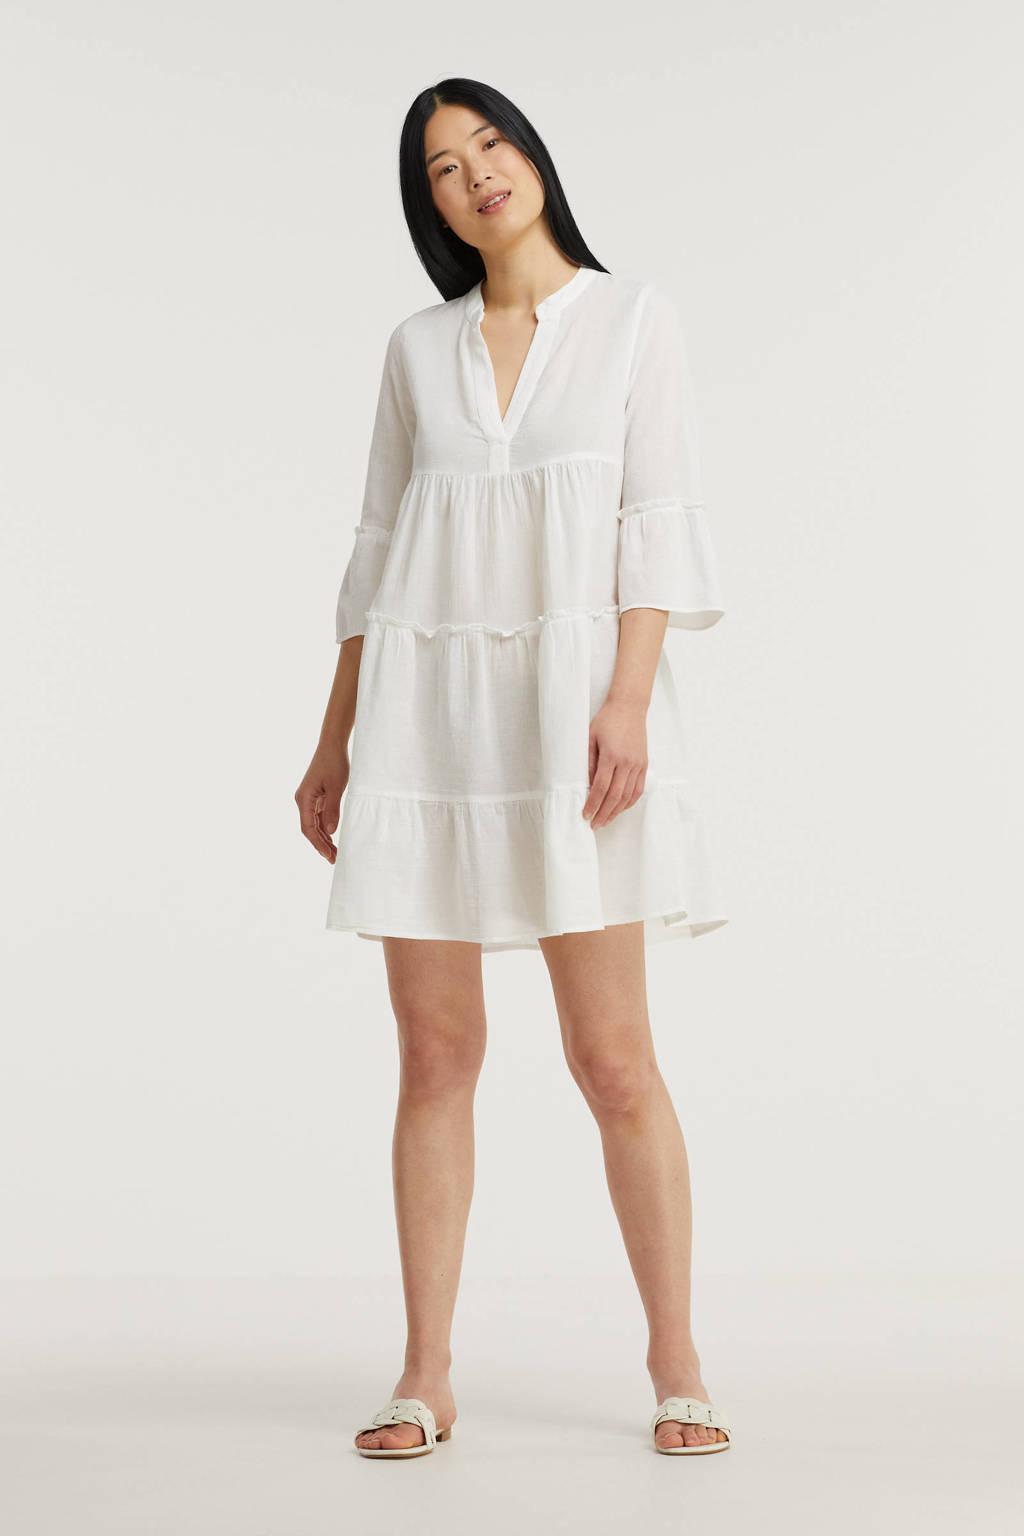 VERO MODA gestreepte jurk van biologisch katoen wit, Wit